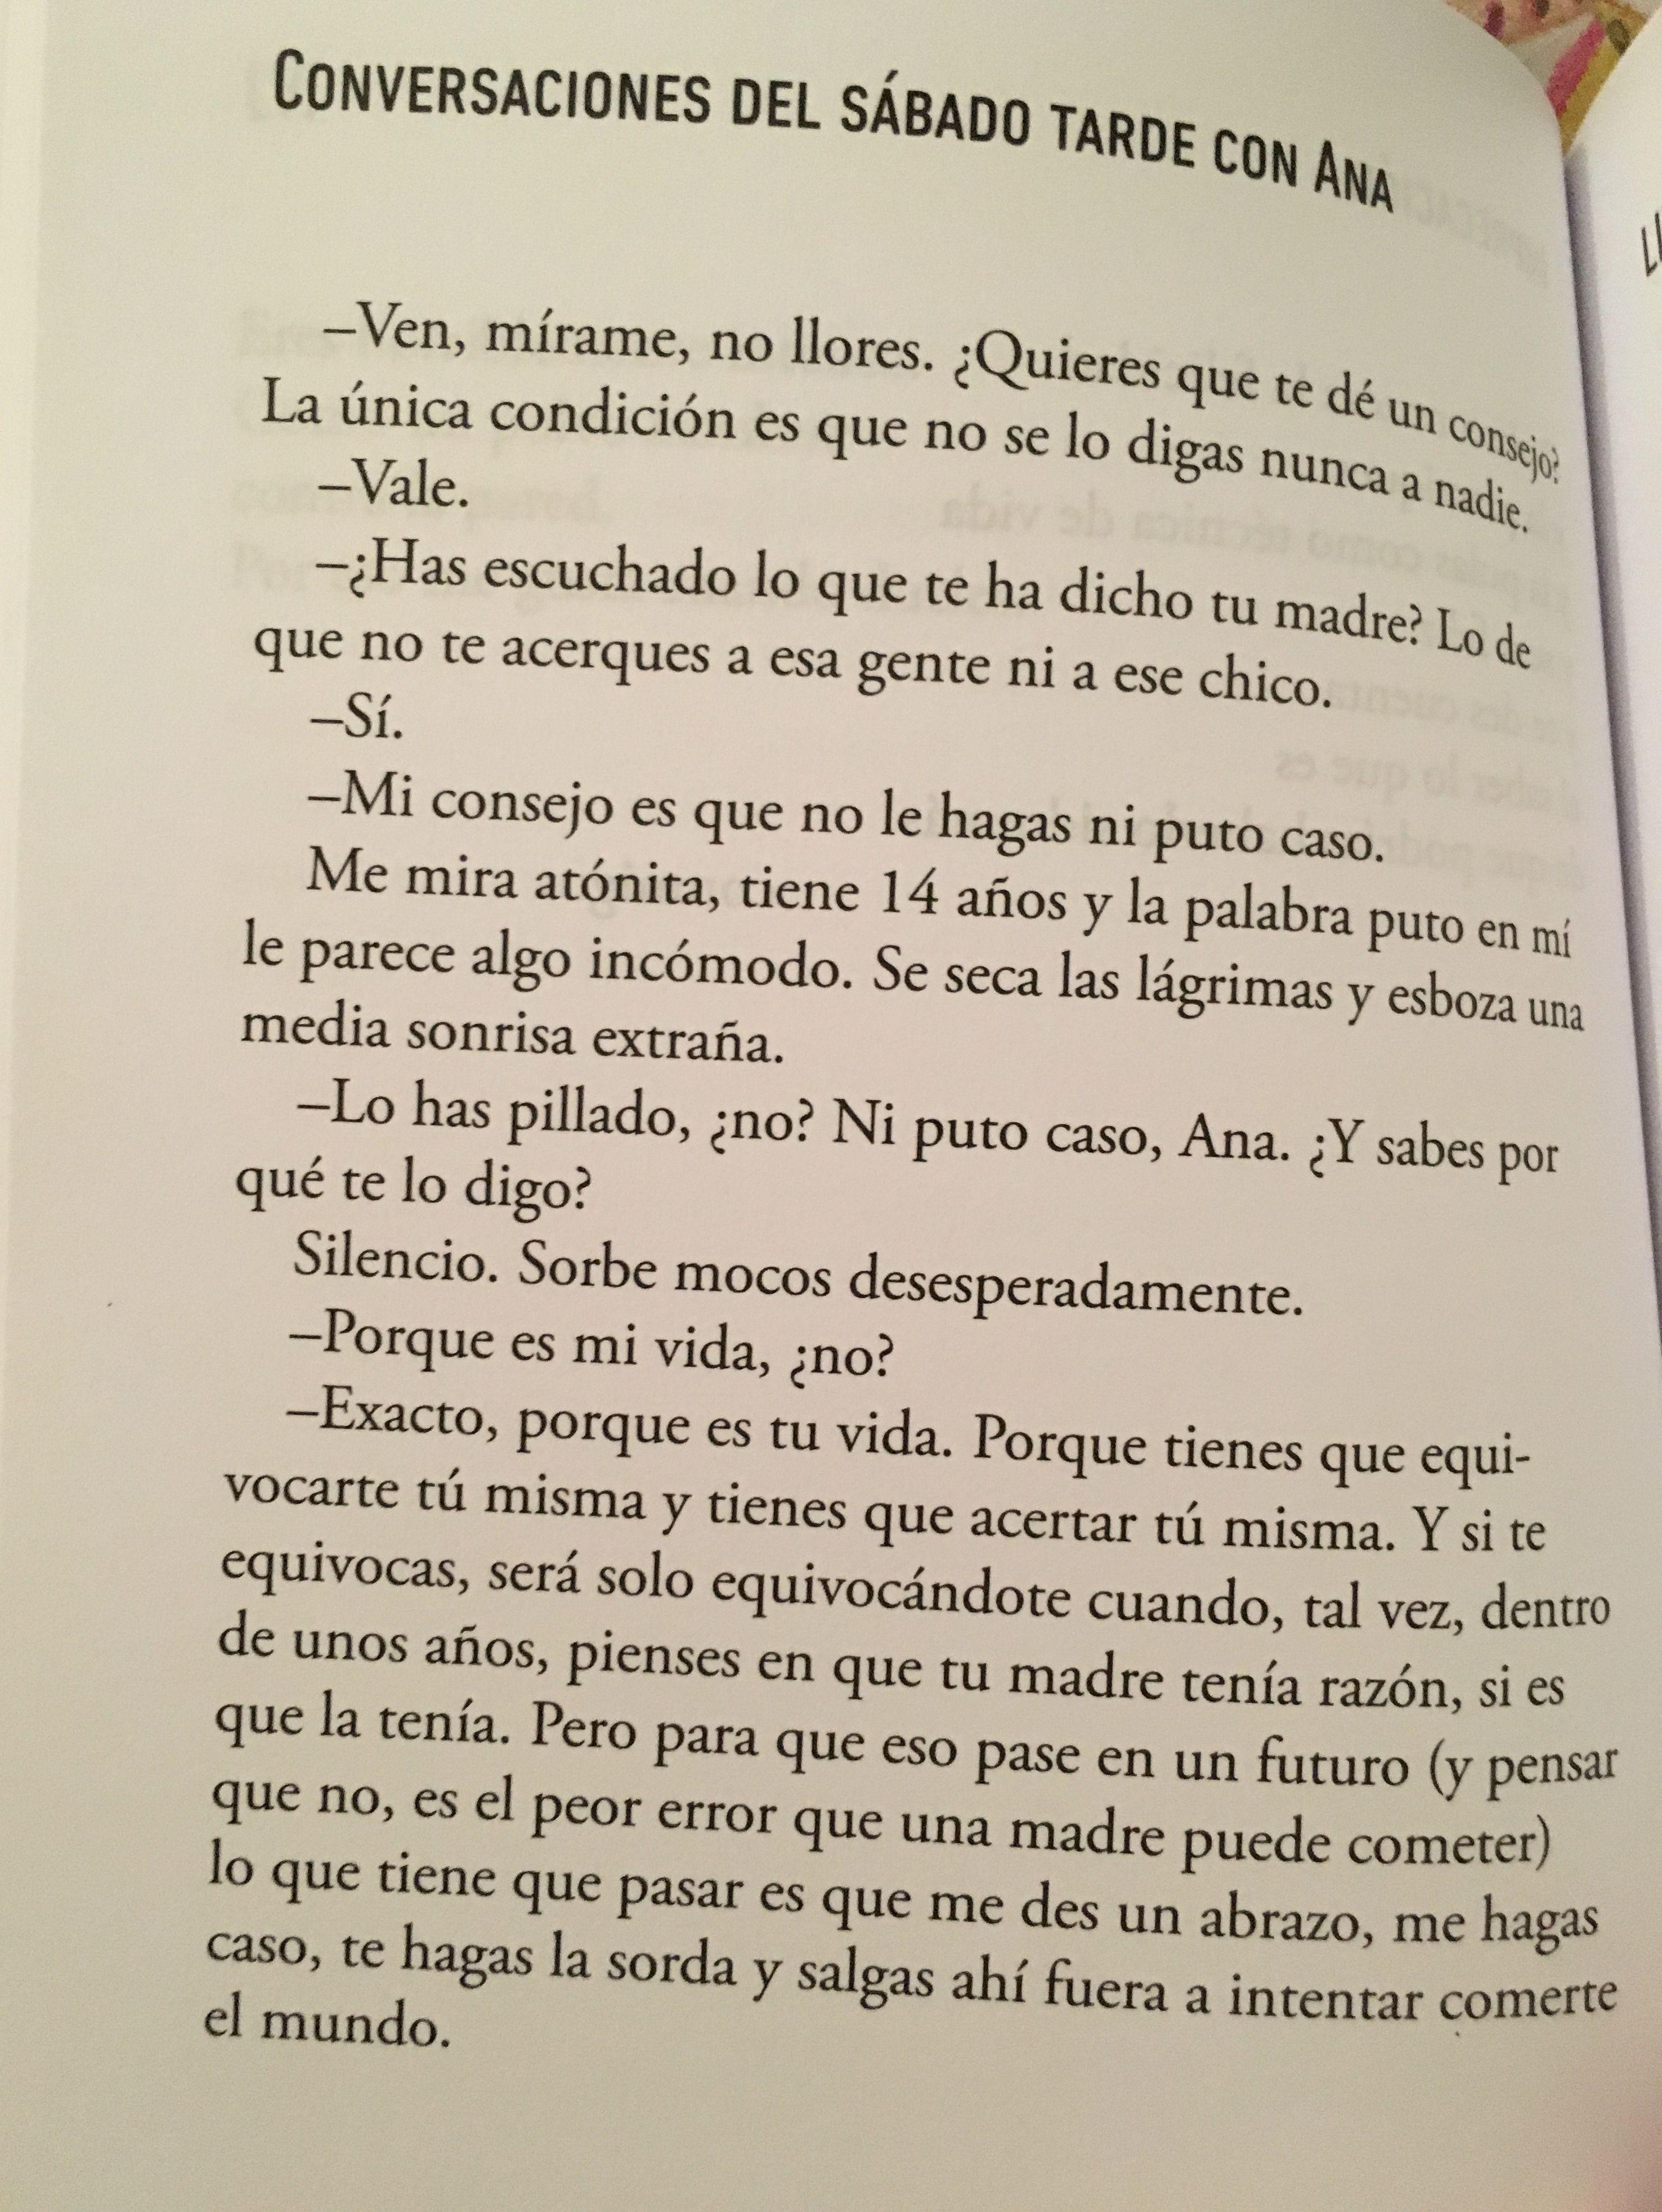 Amor Y Asco Srtabebi Poesia Libros Y Poemas Pinterest Amor